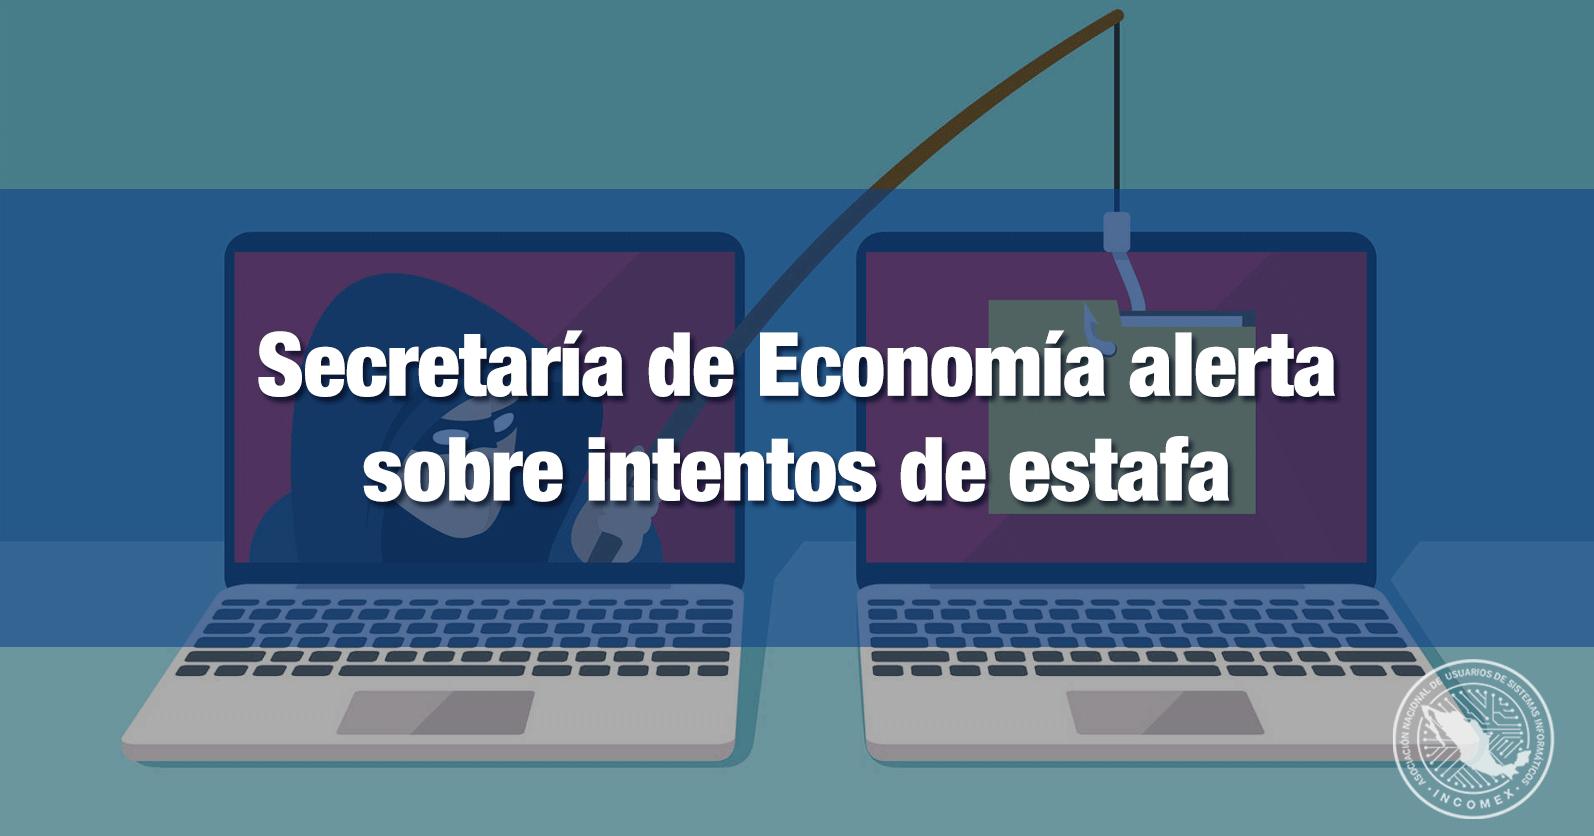 Secretaría de Economía alerta sobre intentos de estafa